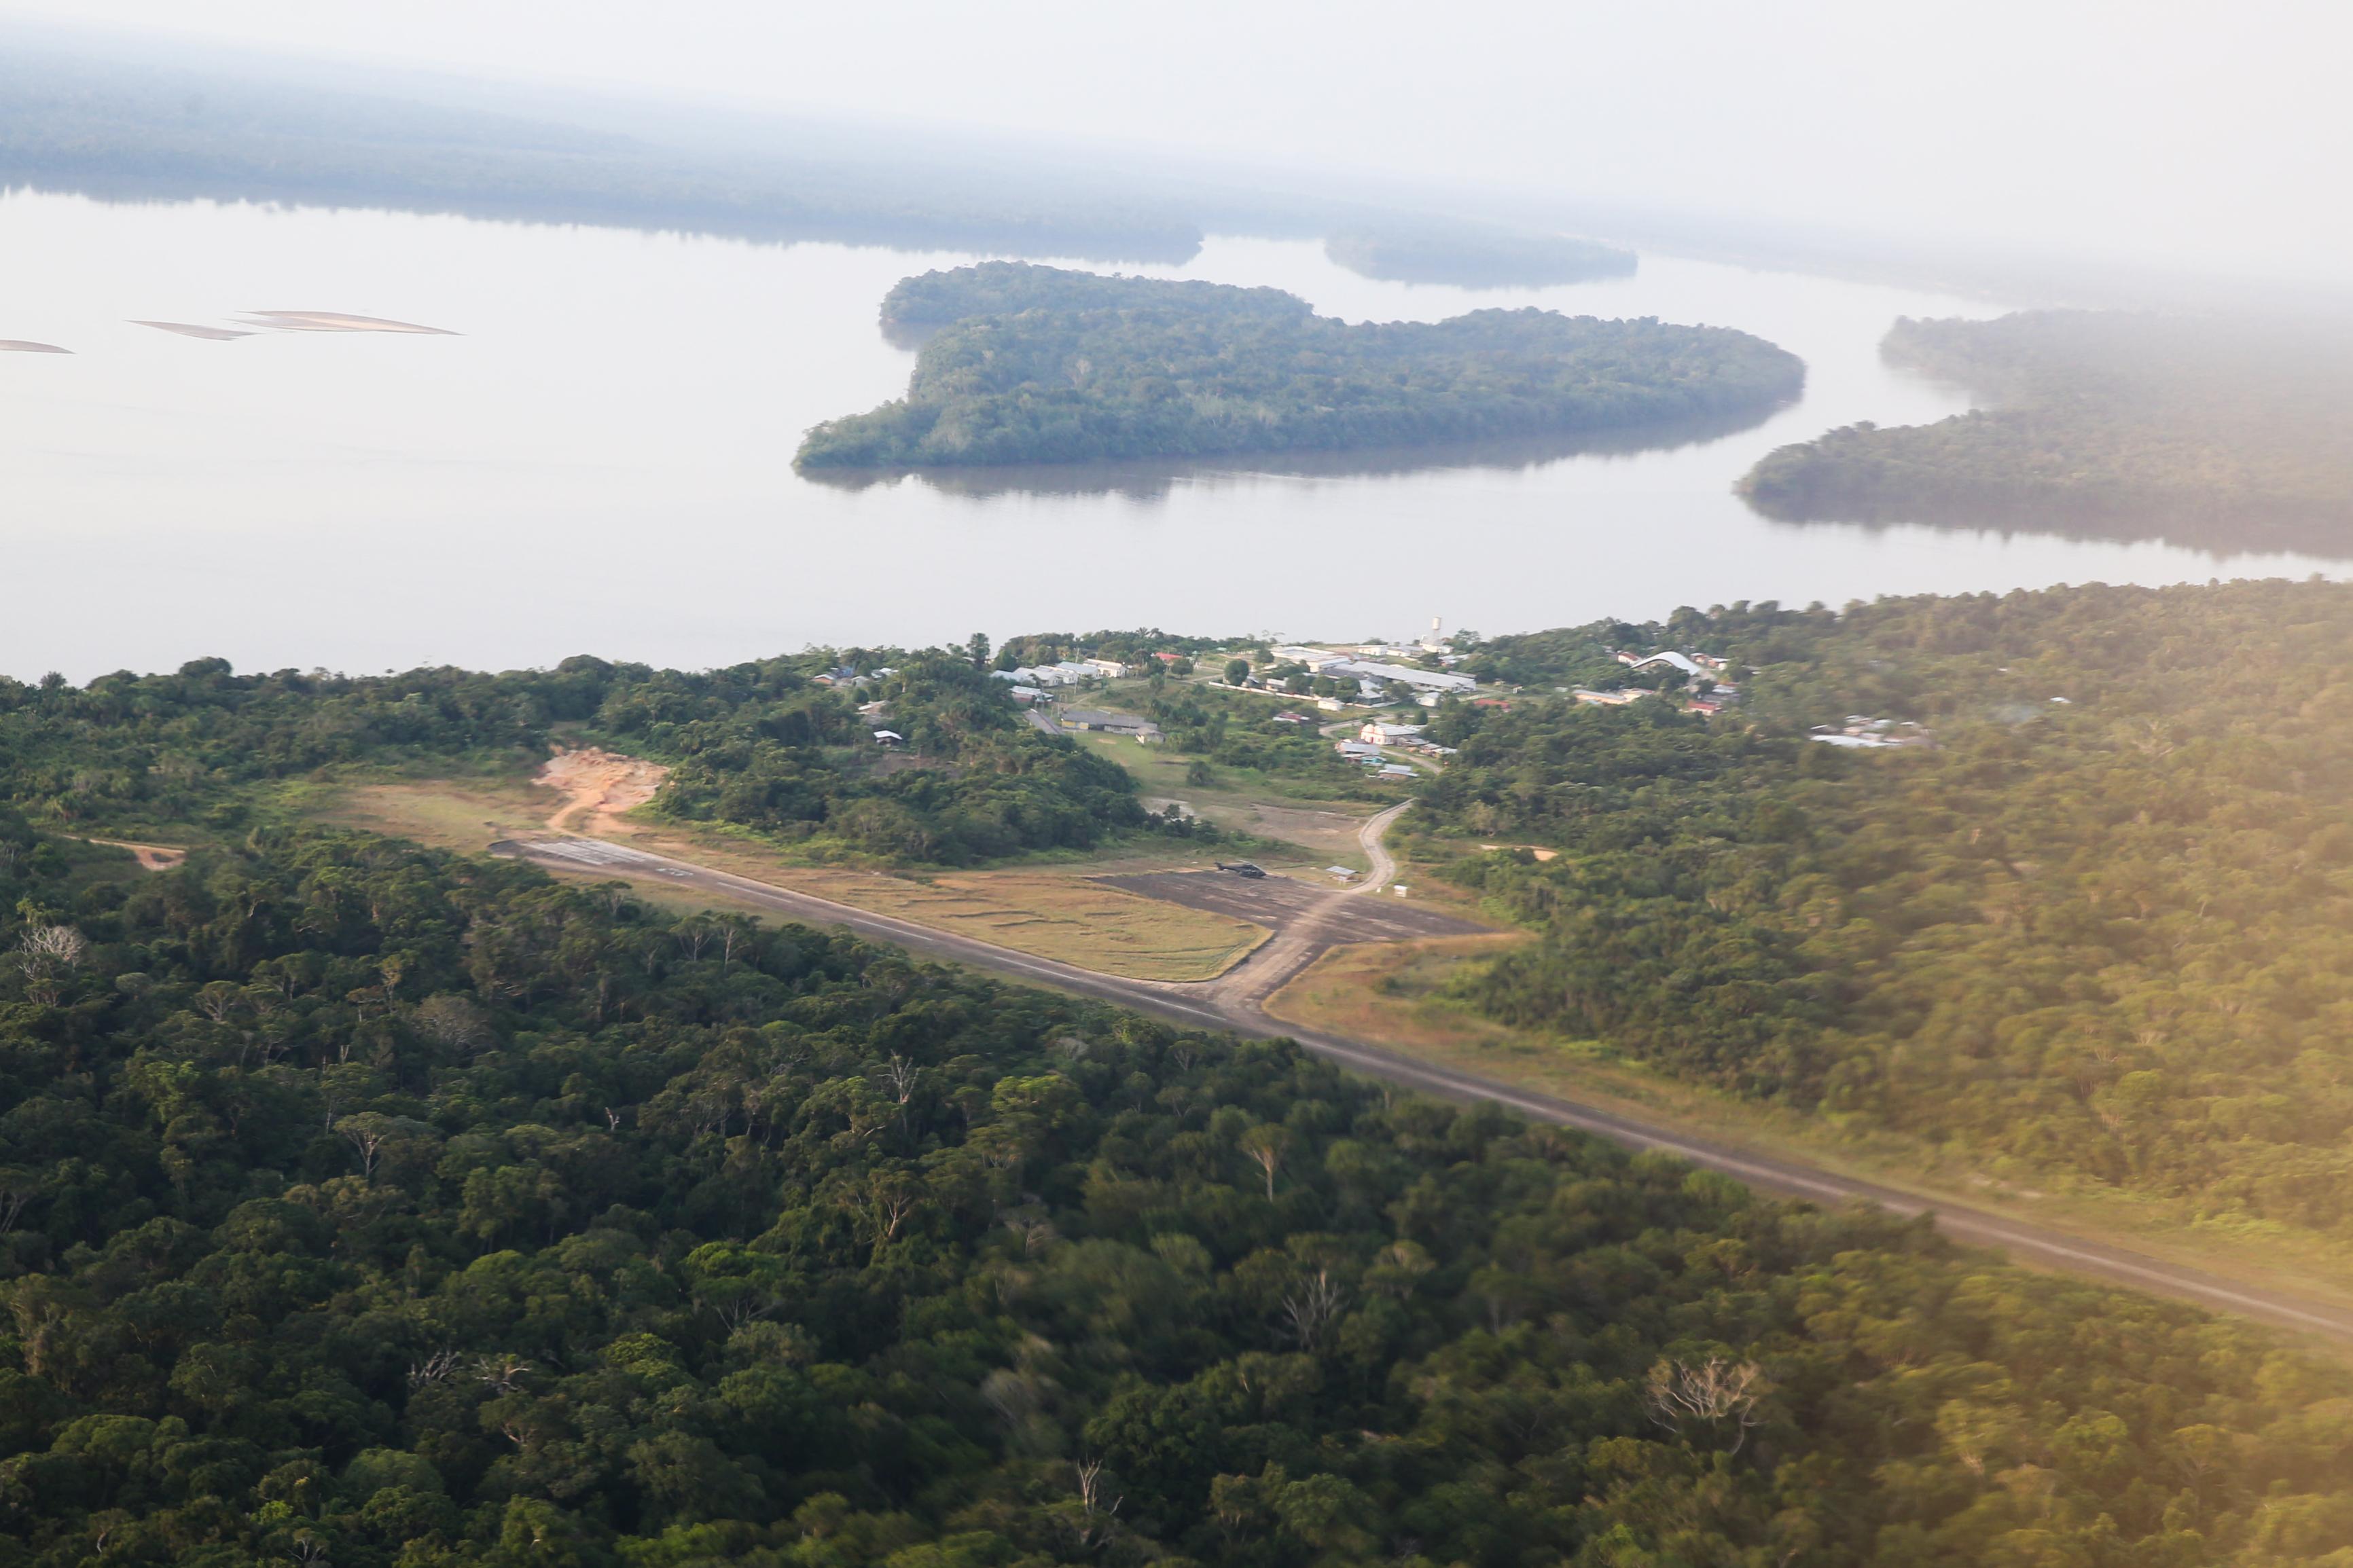 IMAGEM: BNDES e governo firmam acordo para concessão de 5 florestas no Amazonas